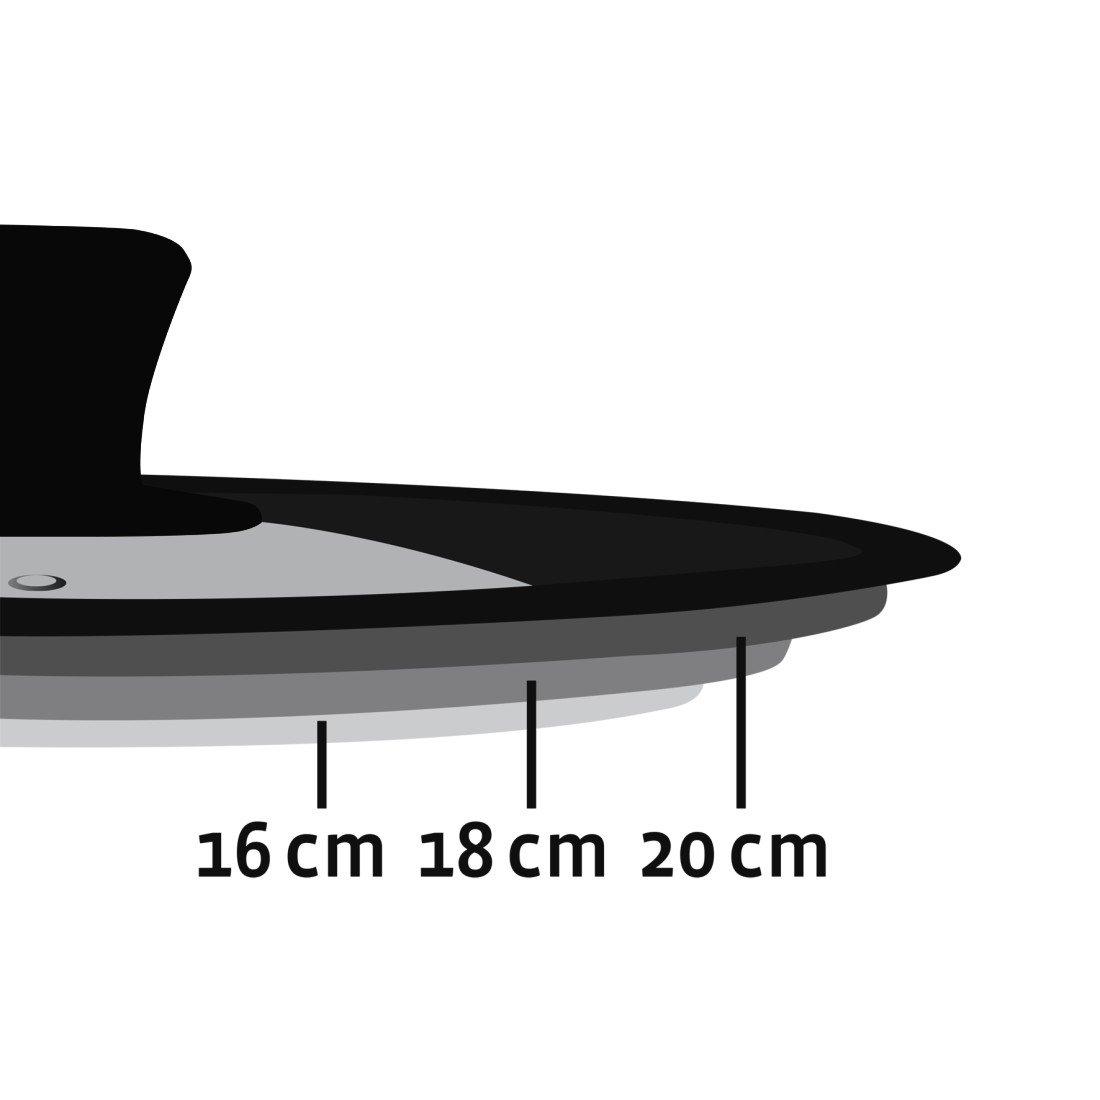 Xavax Universaldeckel Silikonring f/ür T/öpfe und Pfannen mit 16, 18 und 20 cm Durchmessser, Dampfloch, abgestuftes Randdesign, Glas, sp/ülmaschinengeeignet, platzsparend